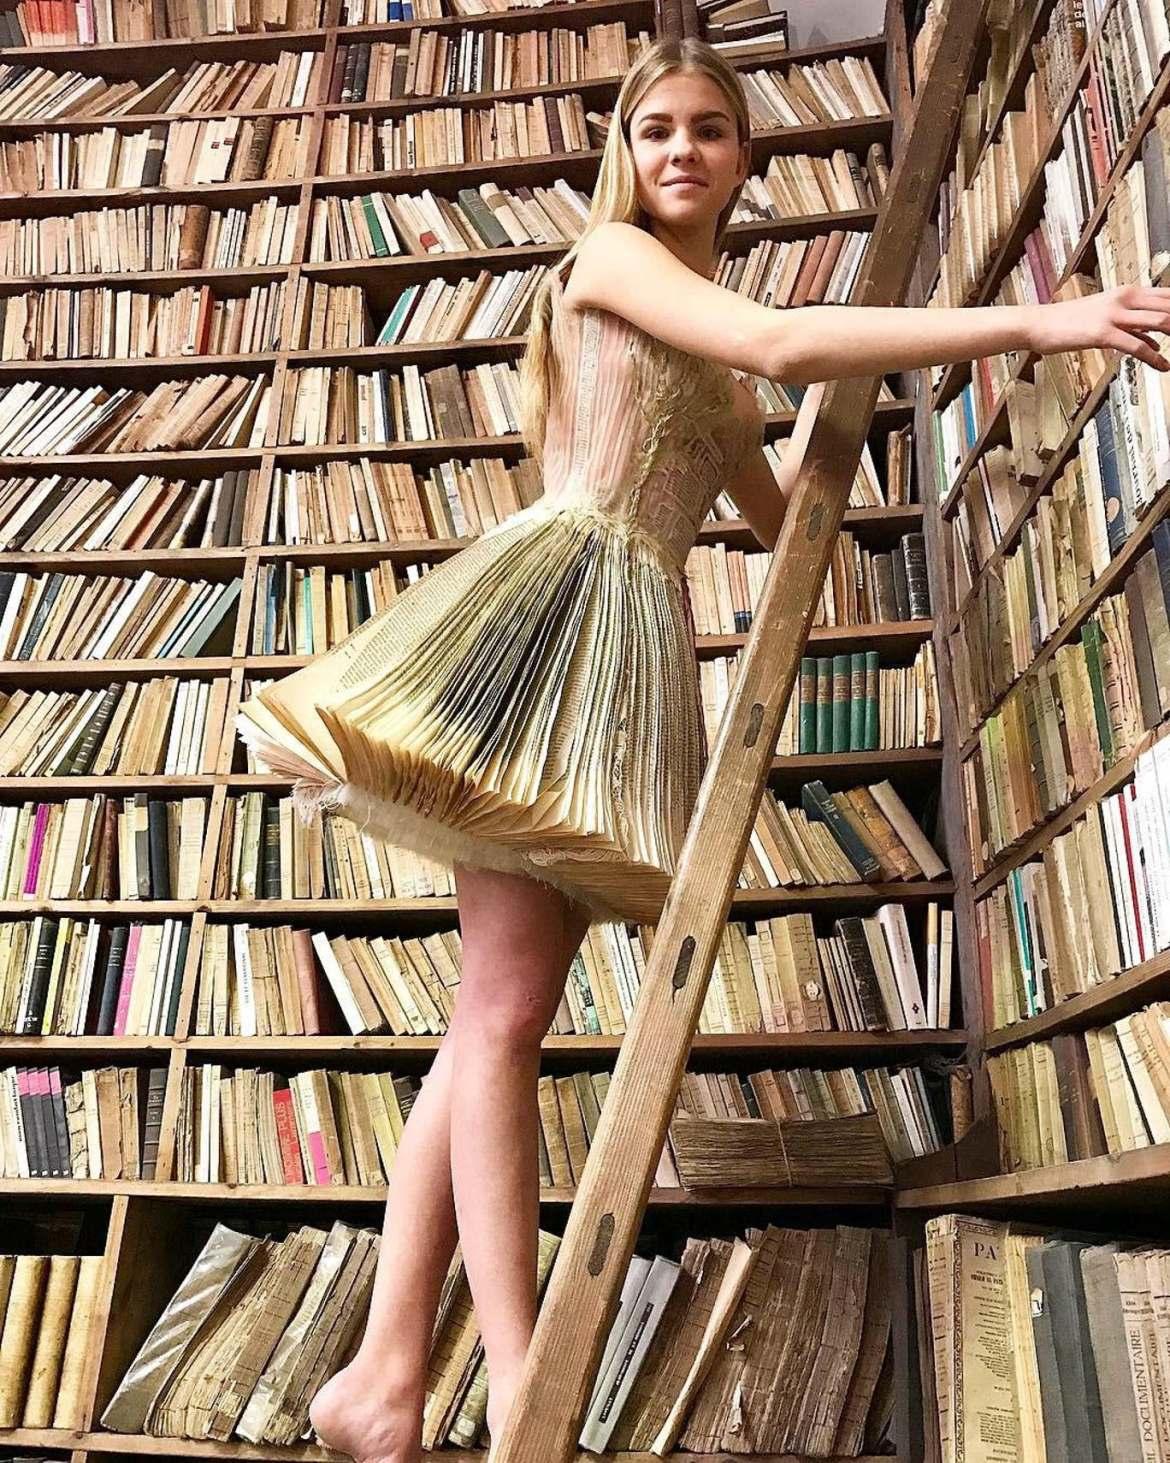 vestido diferente livros